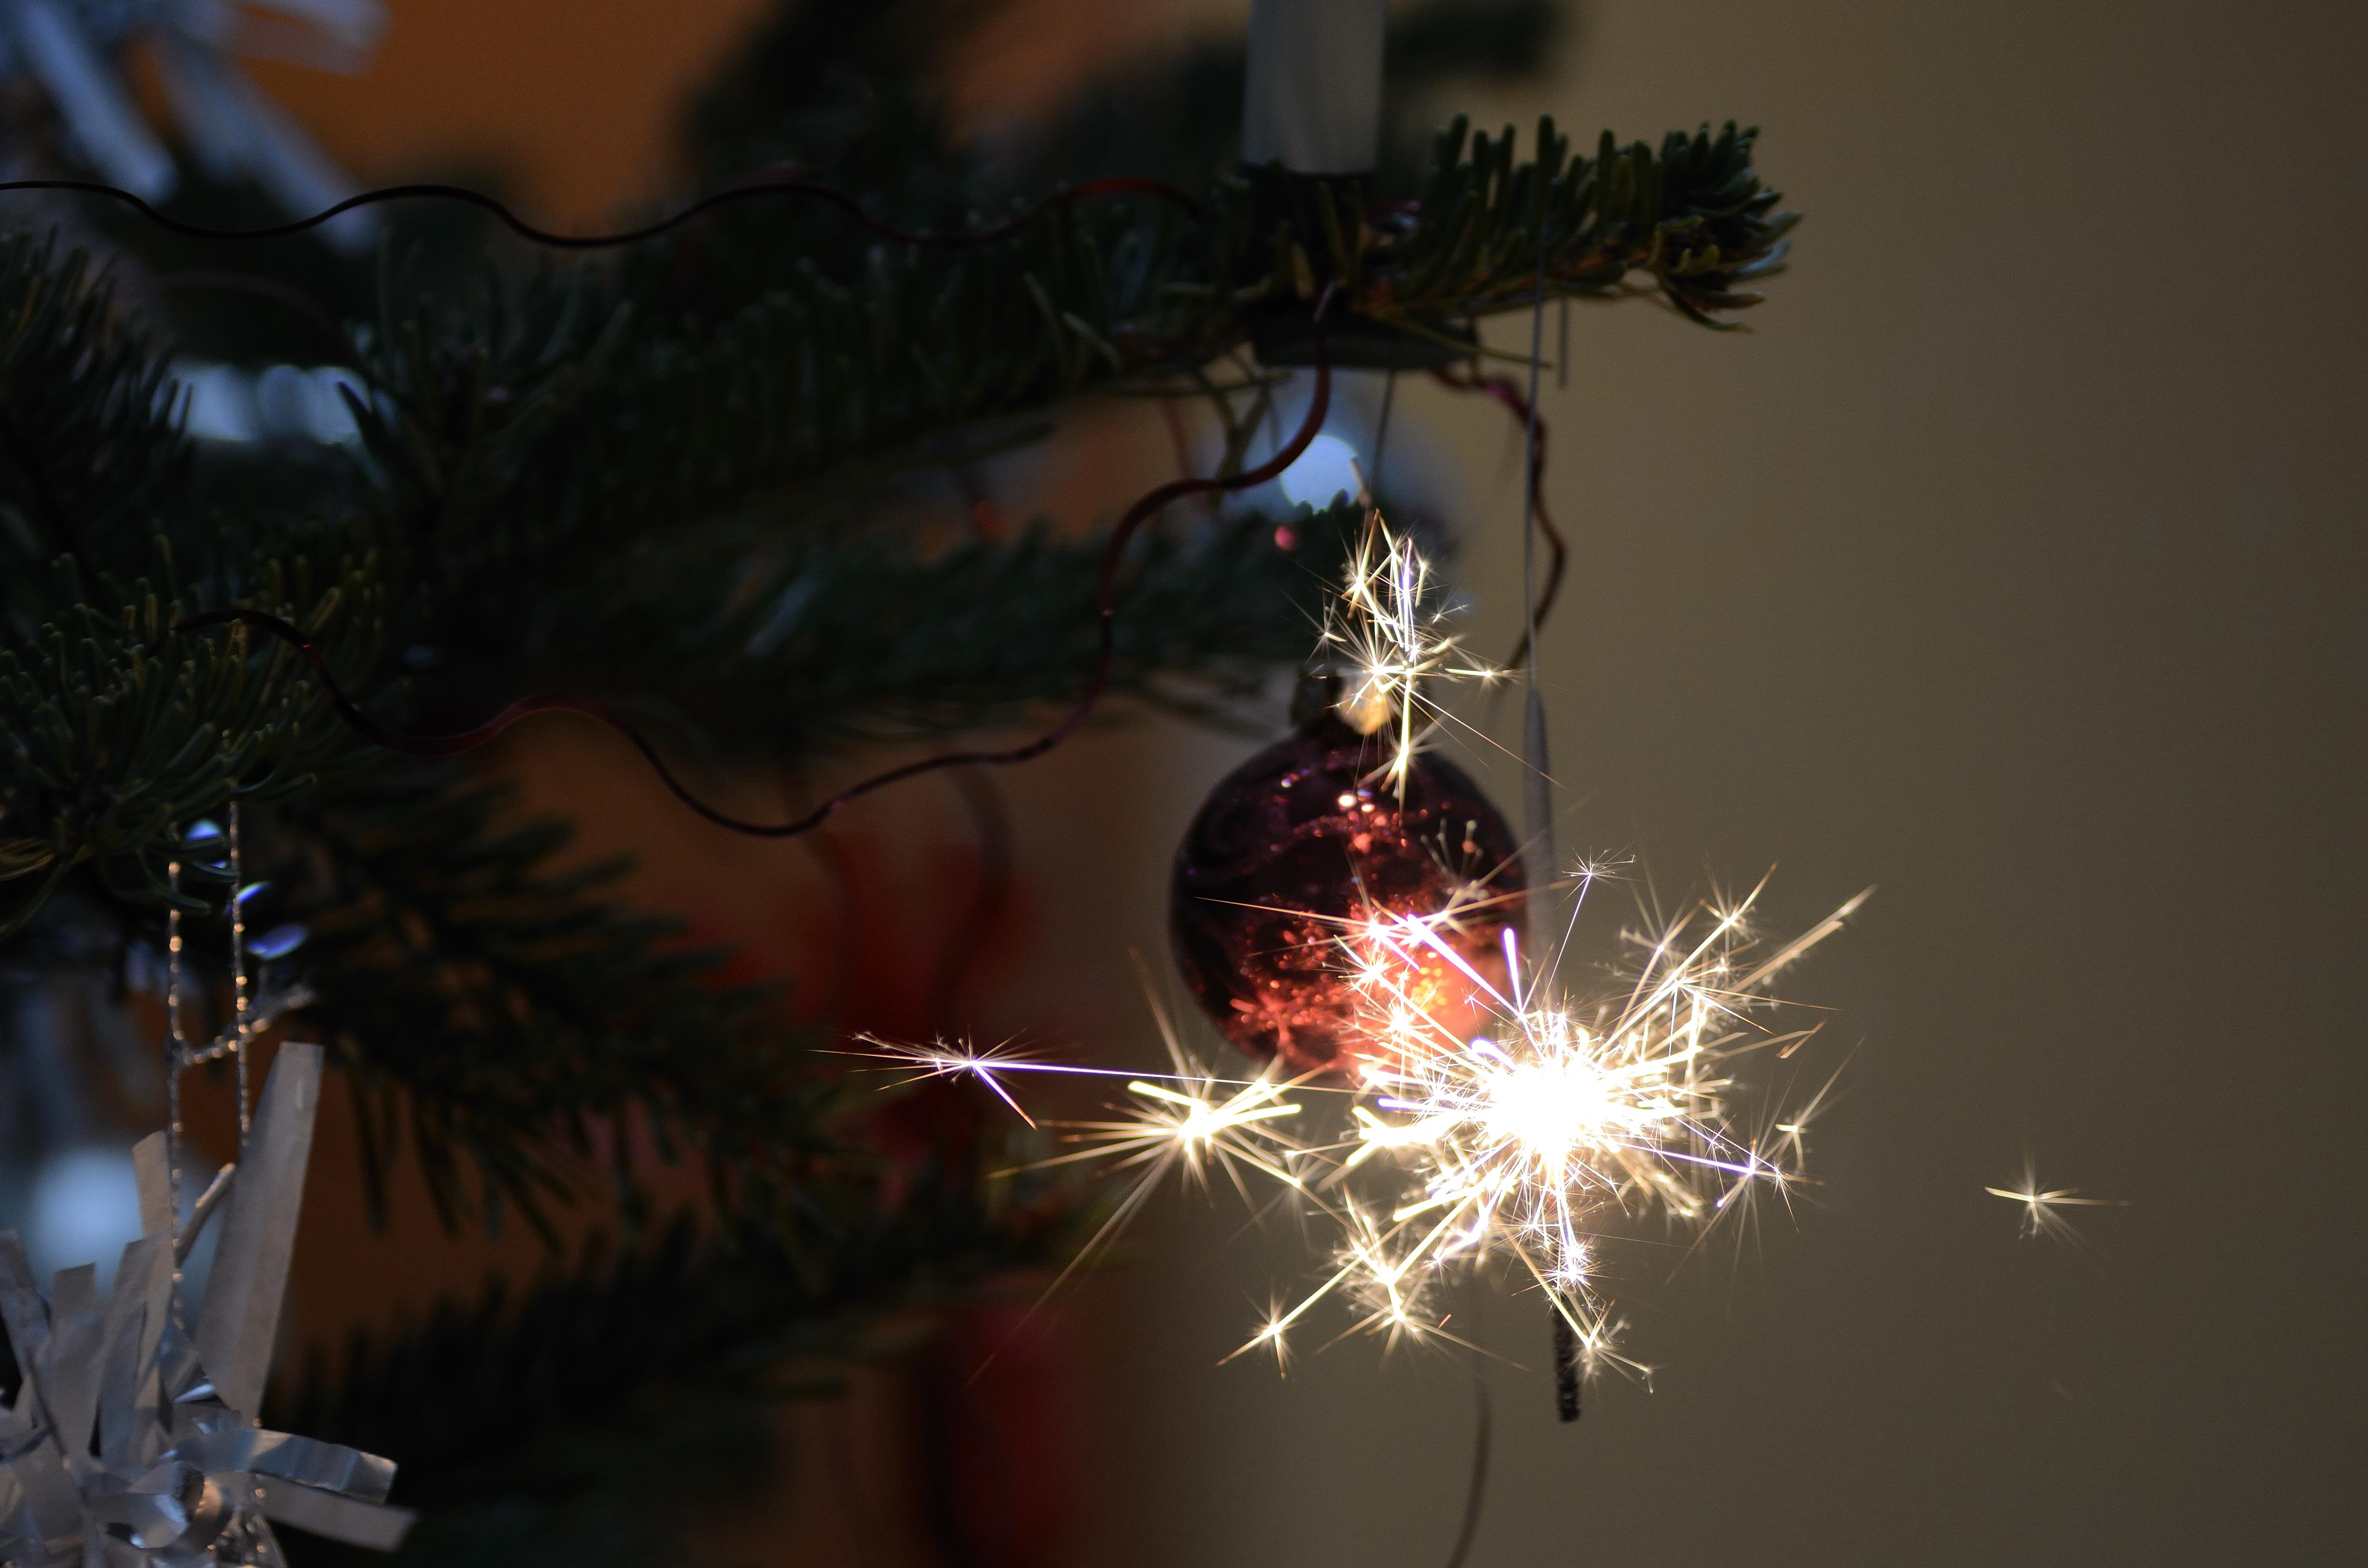 brennende wunderkerze am weihnachtsbaum